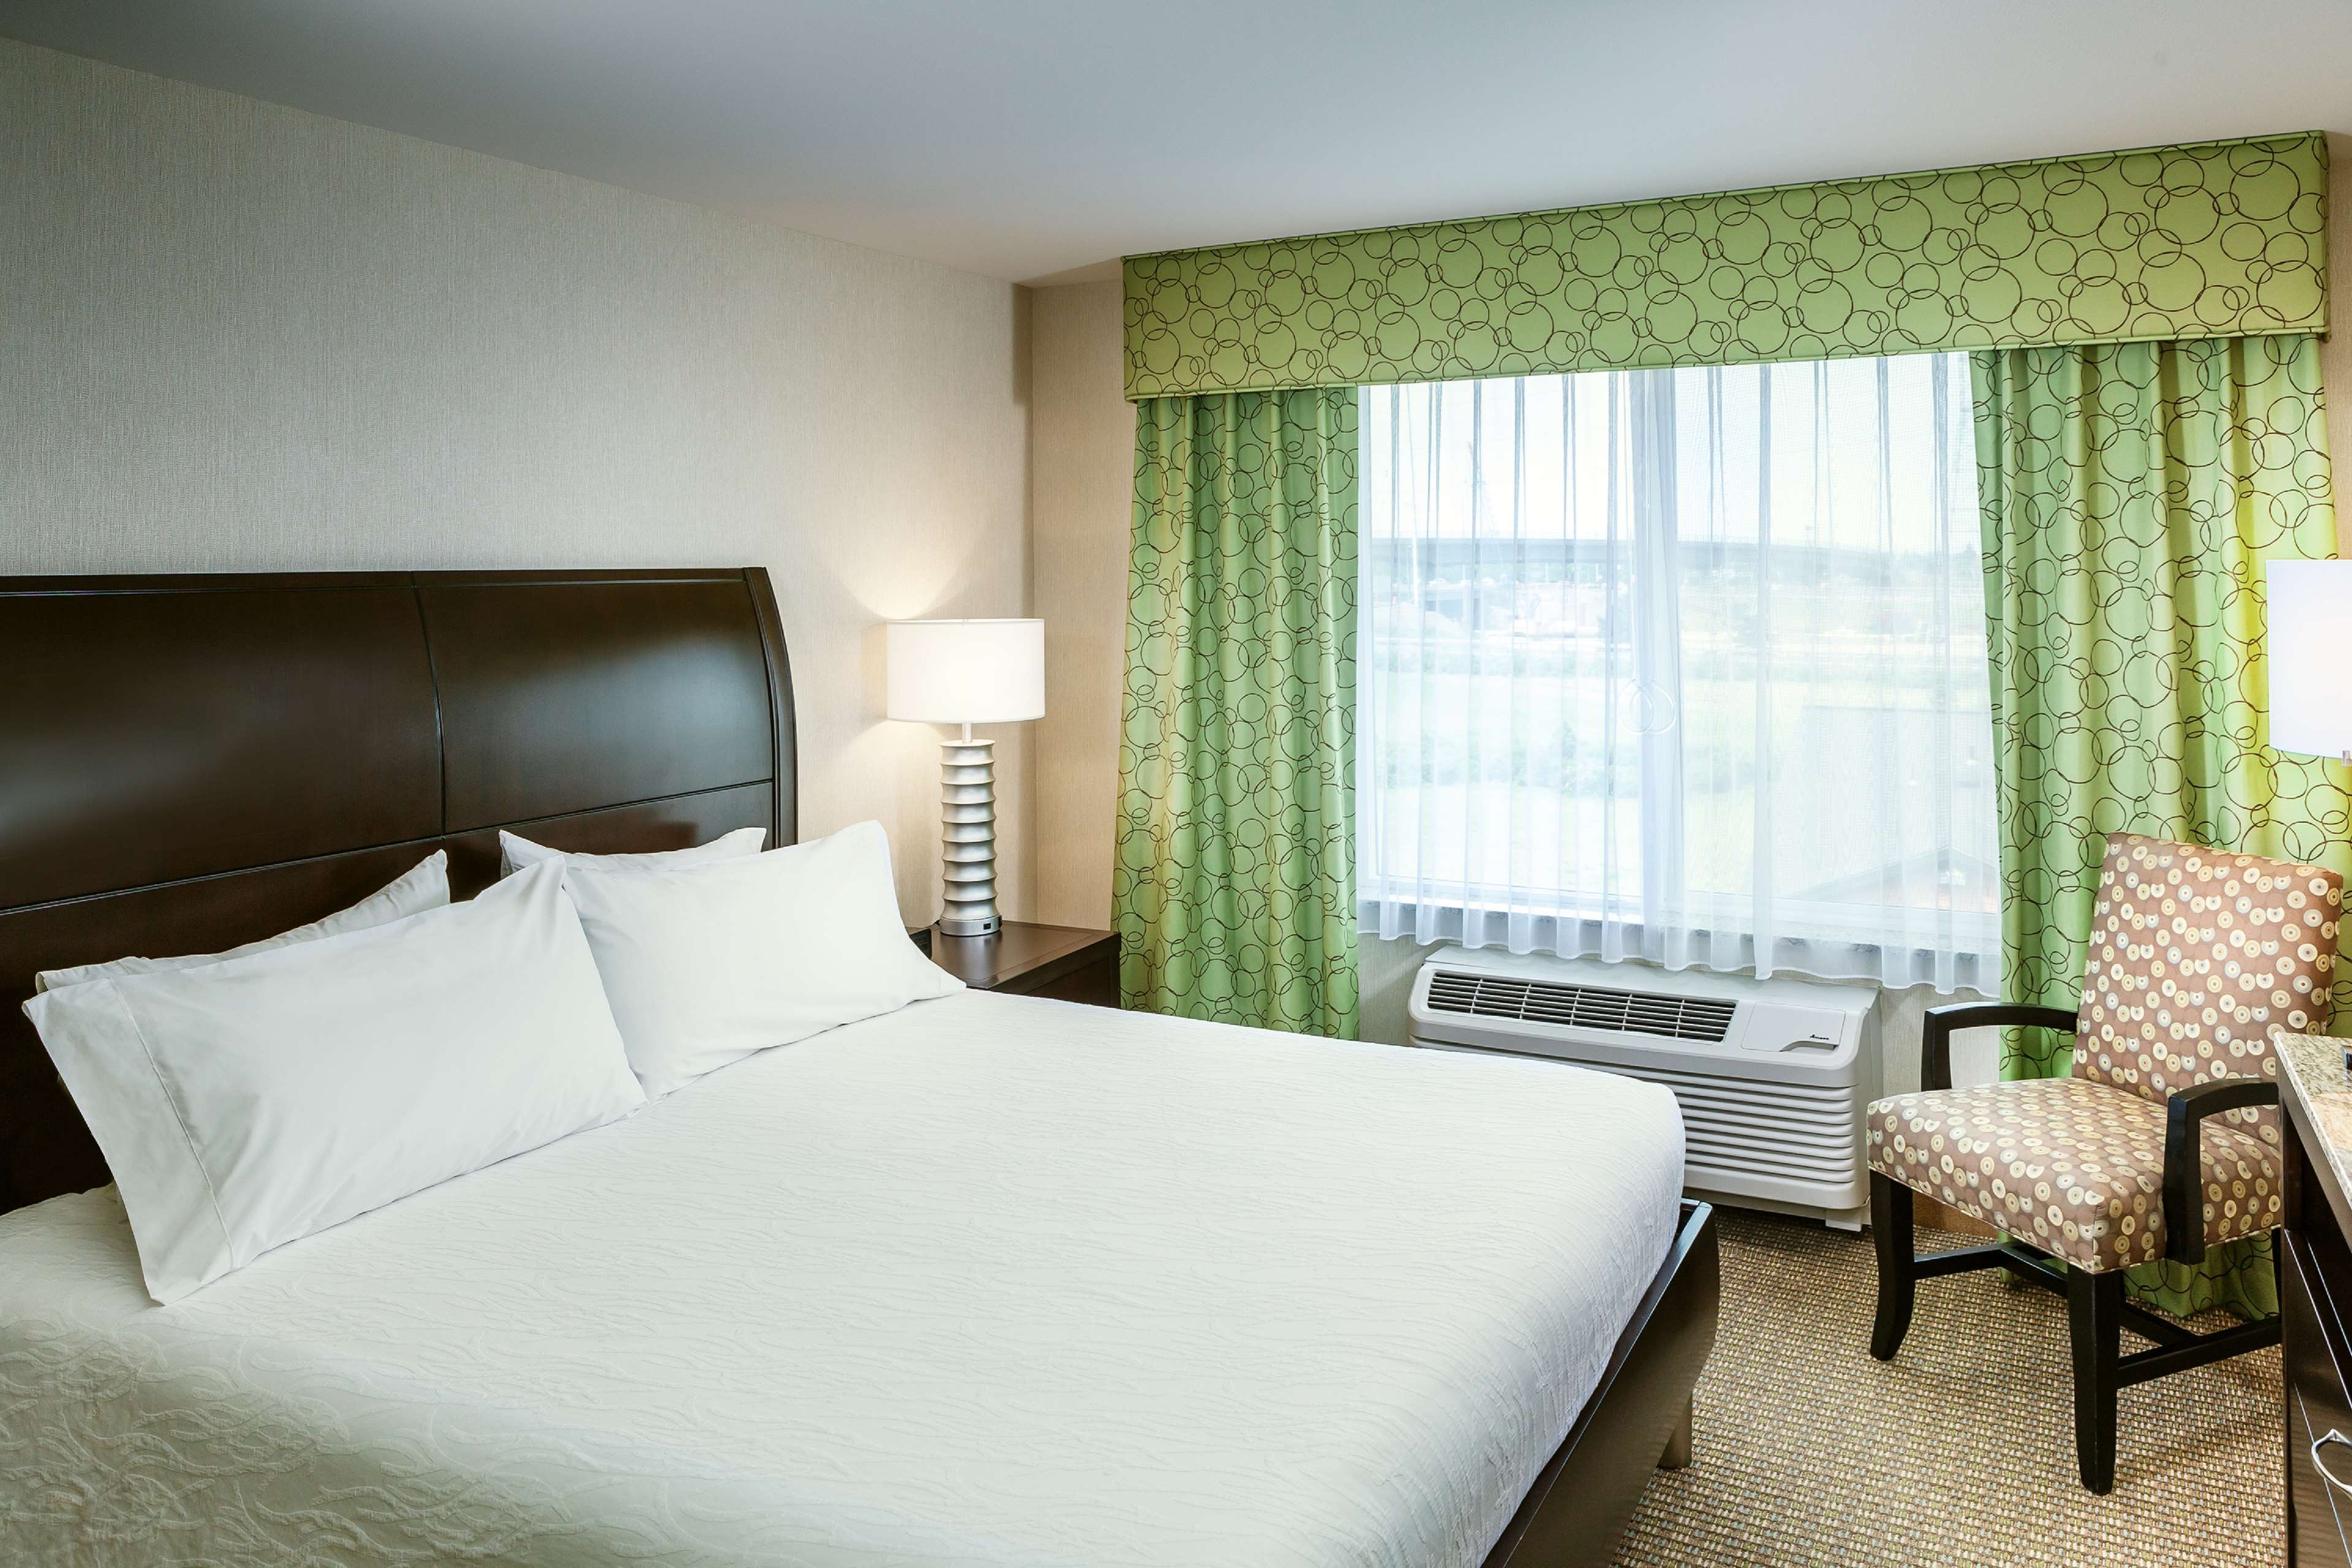 Hilton Garden Inn Seattle/Bothell, WA image 7